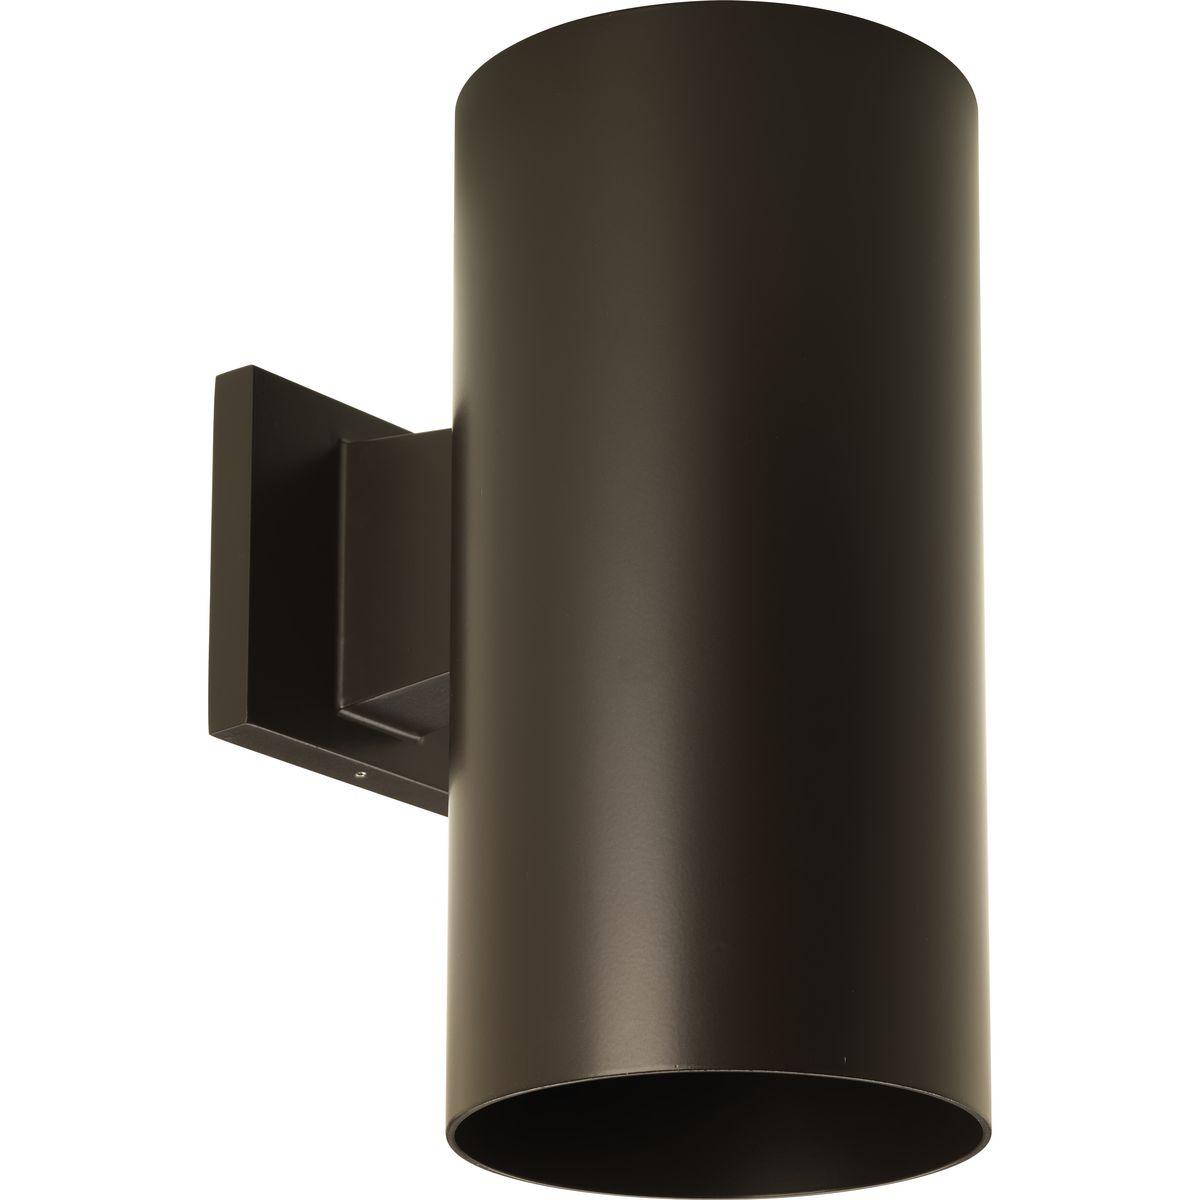 PROG P5641-20 1-250W QTZ OD WALL